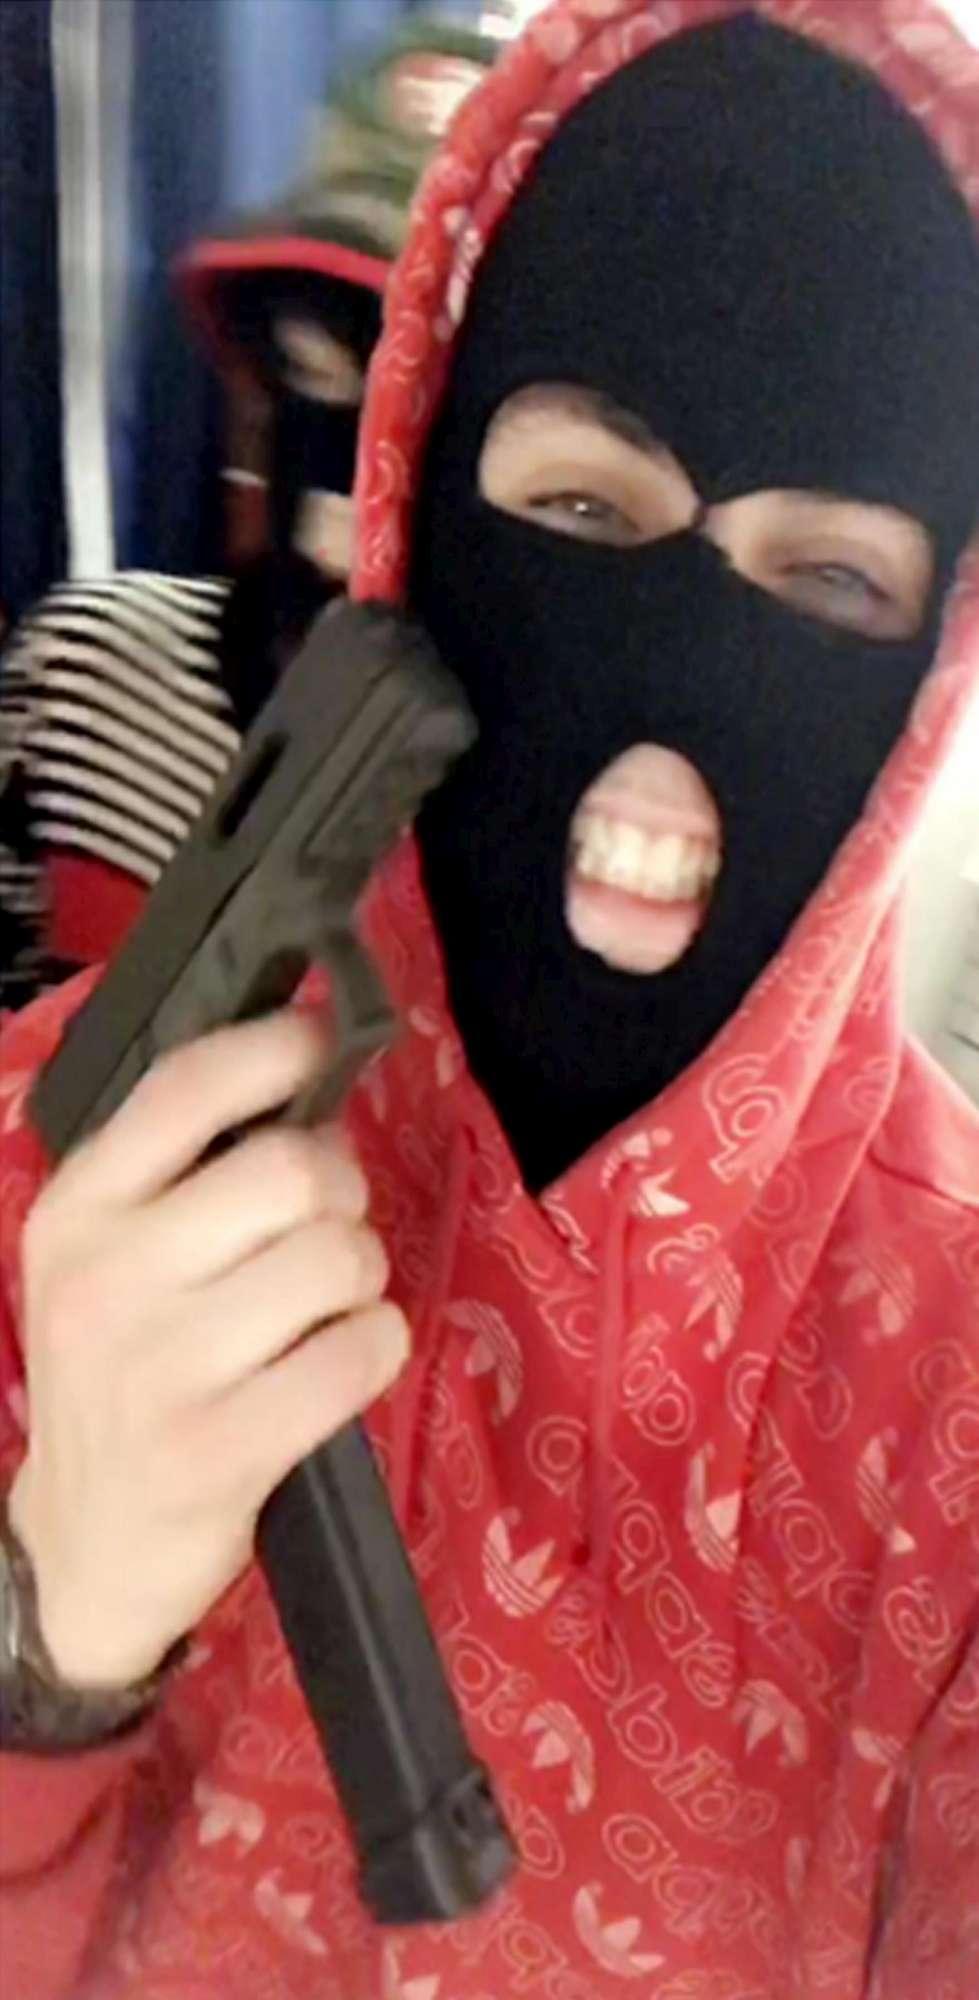 Cc ucciso, le foto shock sul cellulare di Hjorth